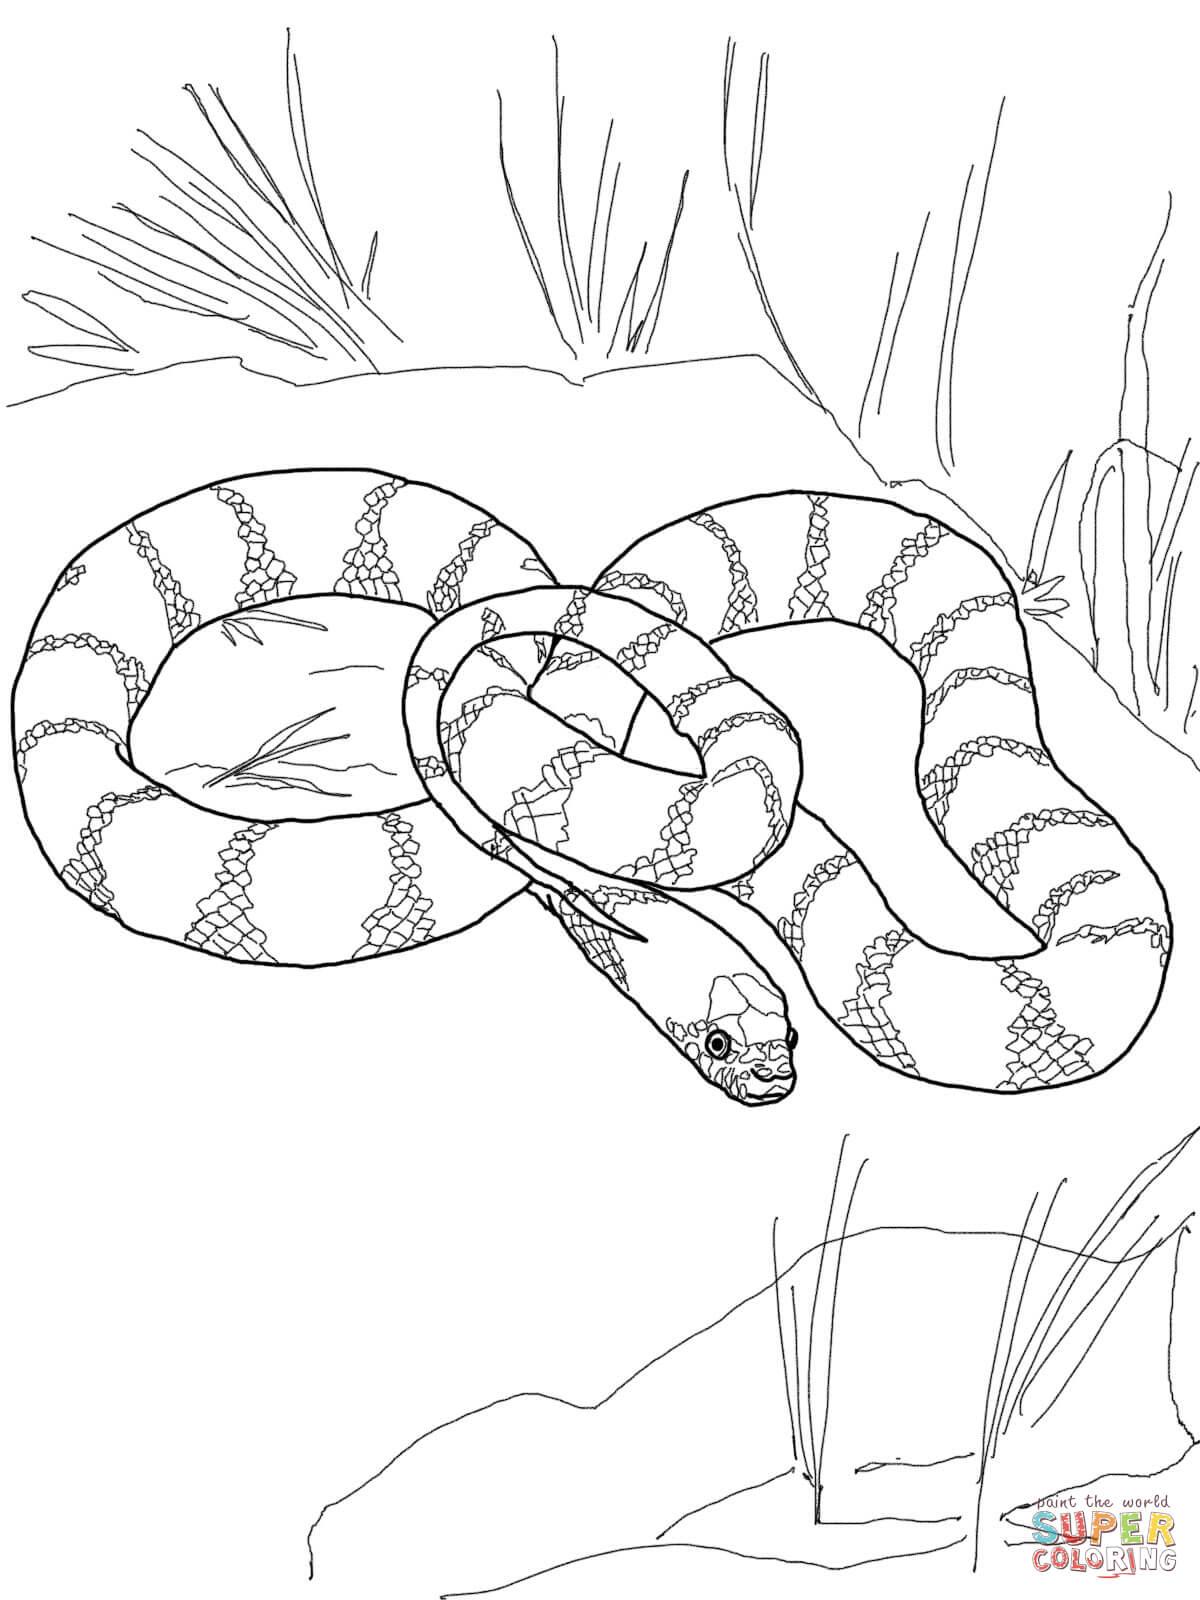 Tiger Snake coloring, Download Tiger Snake coloring for ...